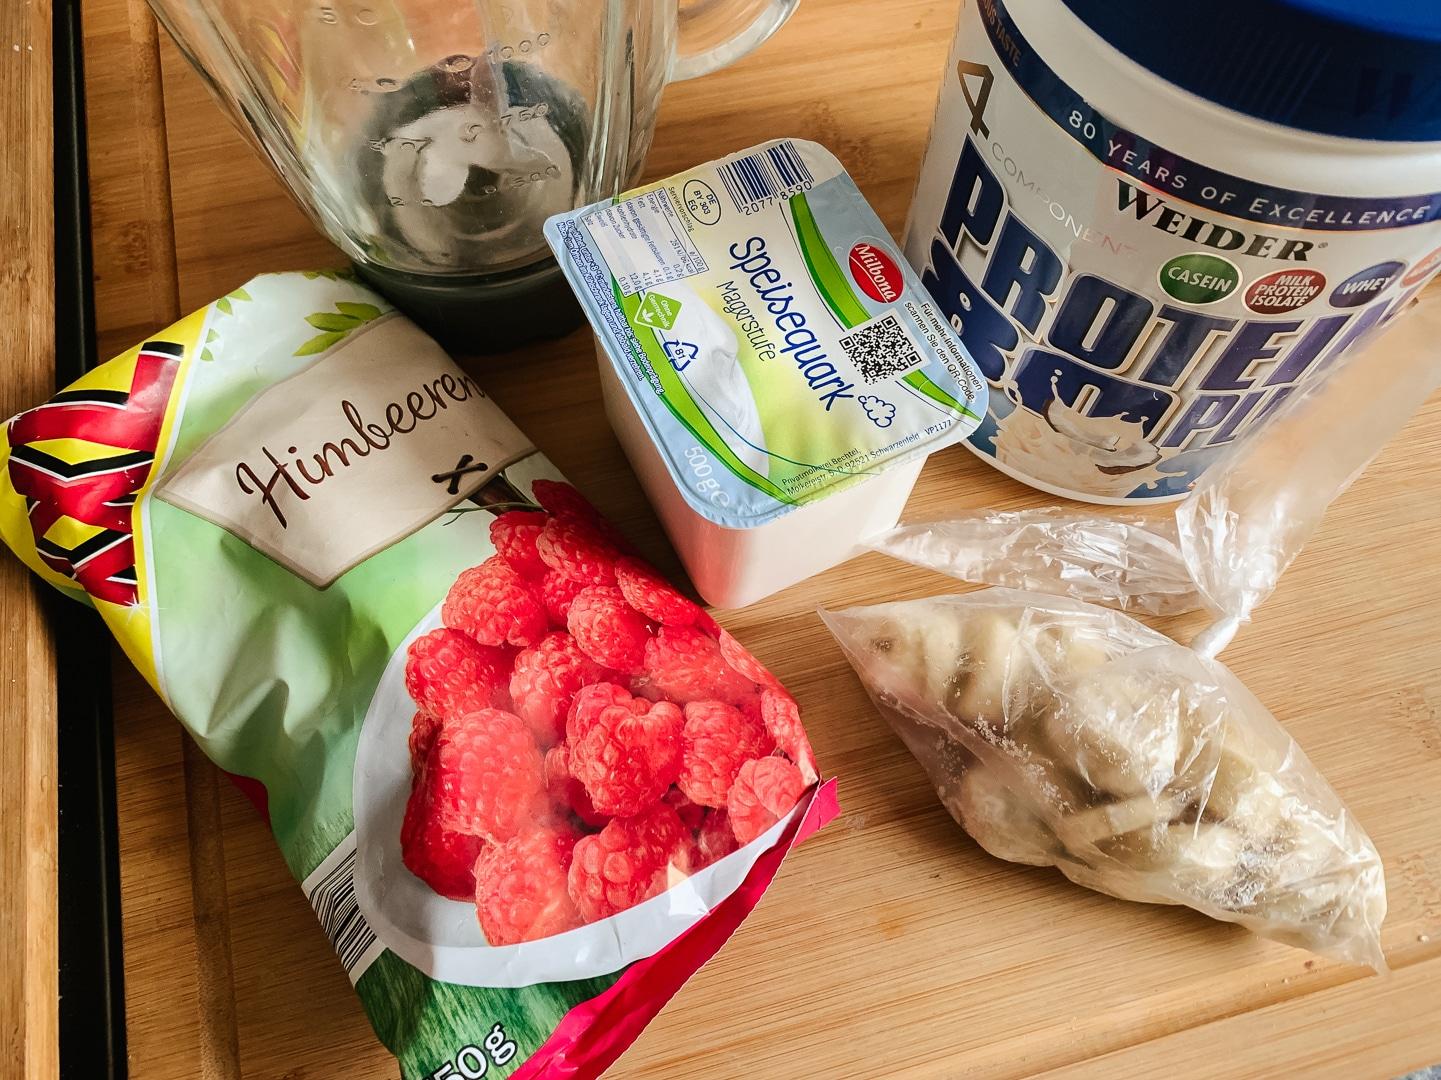 fitnessblog-fitnessblogger-fitness-blog-blogger-stuttgart-pink-protein-smoothie-bowl-kokosnuss-kokos-rezept-01